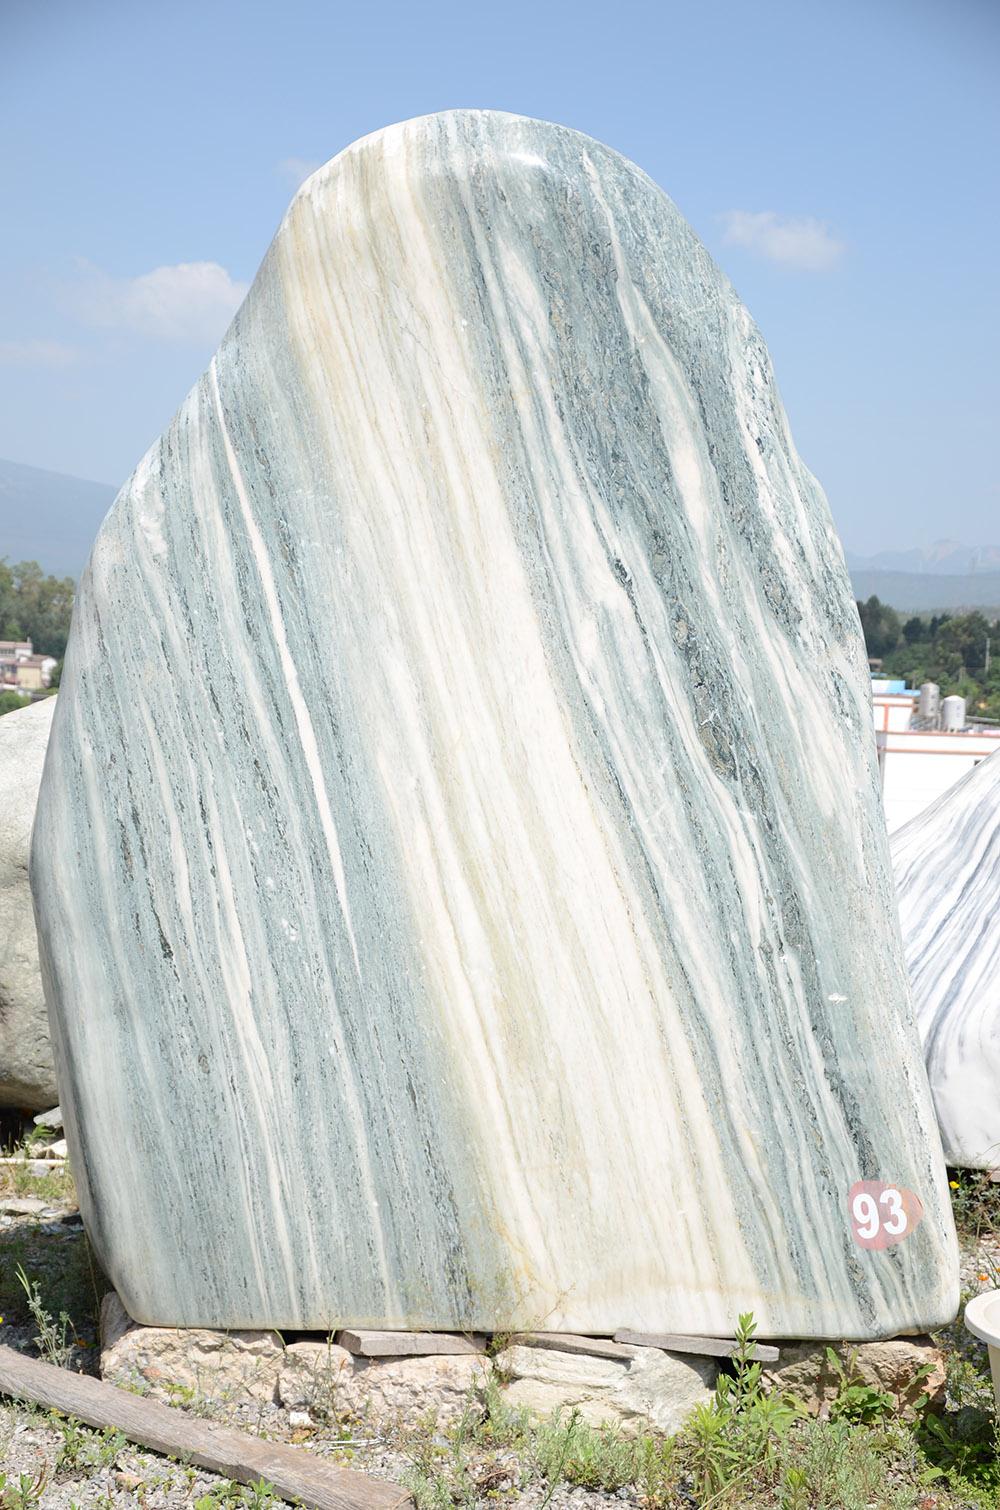 壁纸 风景 旅游 瀑布 山水 桌面 1000_1510 竖版 竖屏 手机